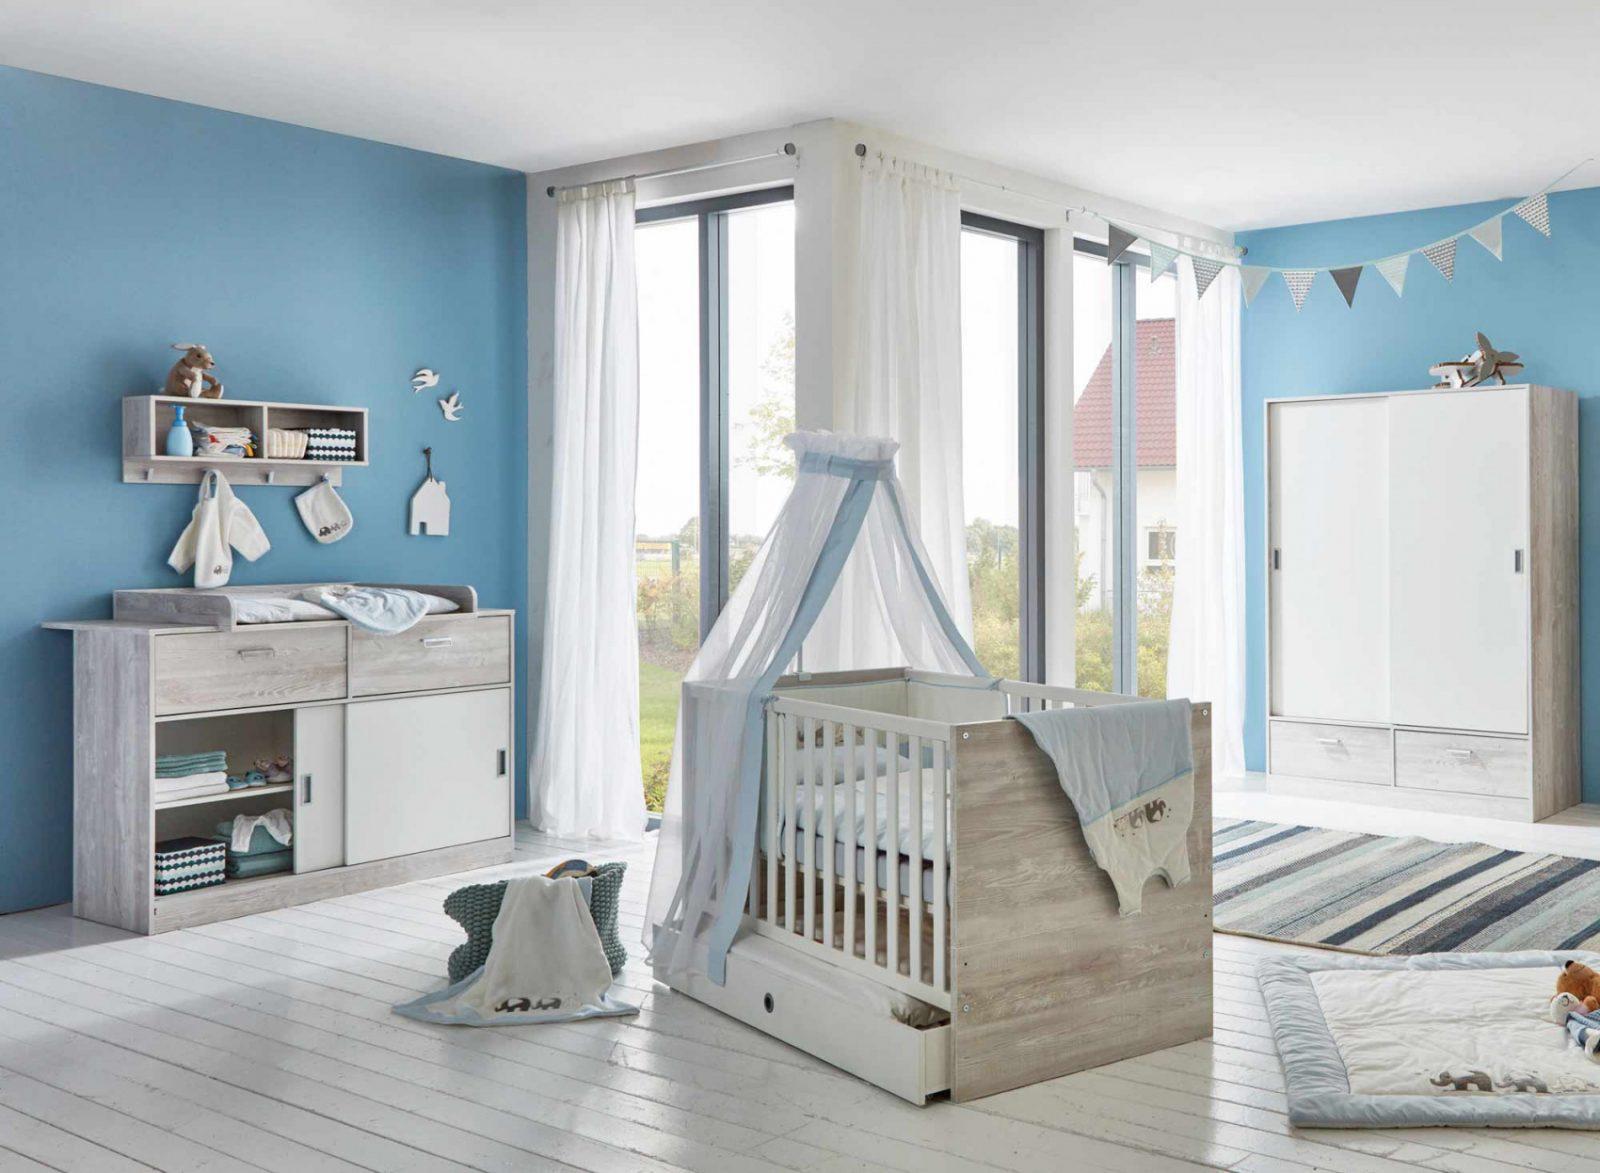 Babyzimmer Kinderzimmer Pinie Grau Weiß 4Tlg von Babyzimmer Weiß Grau Bild